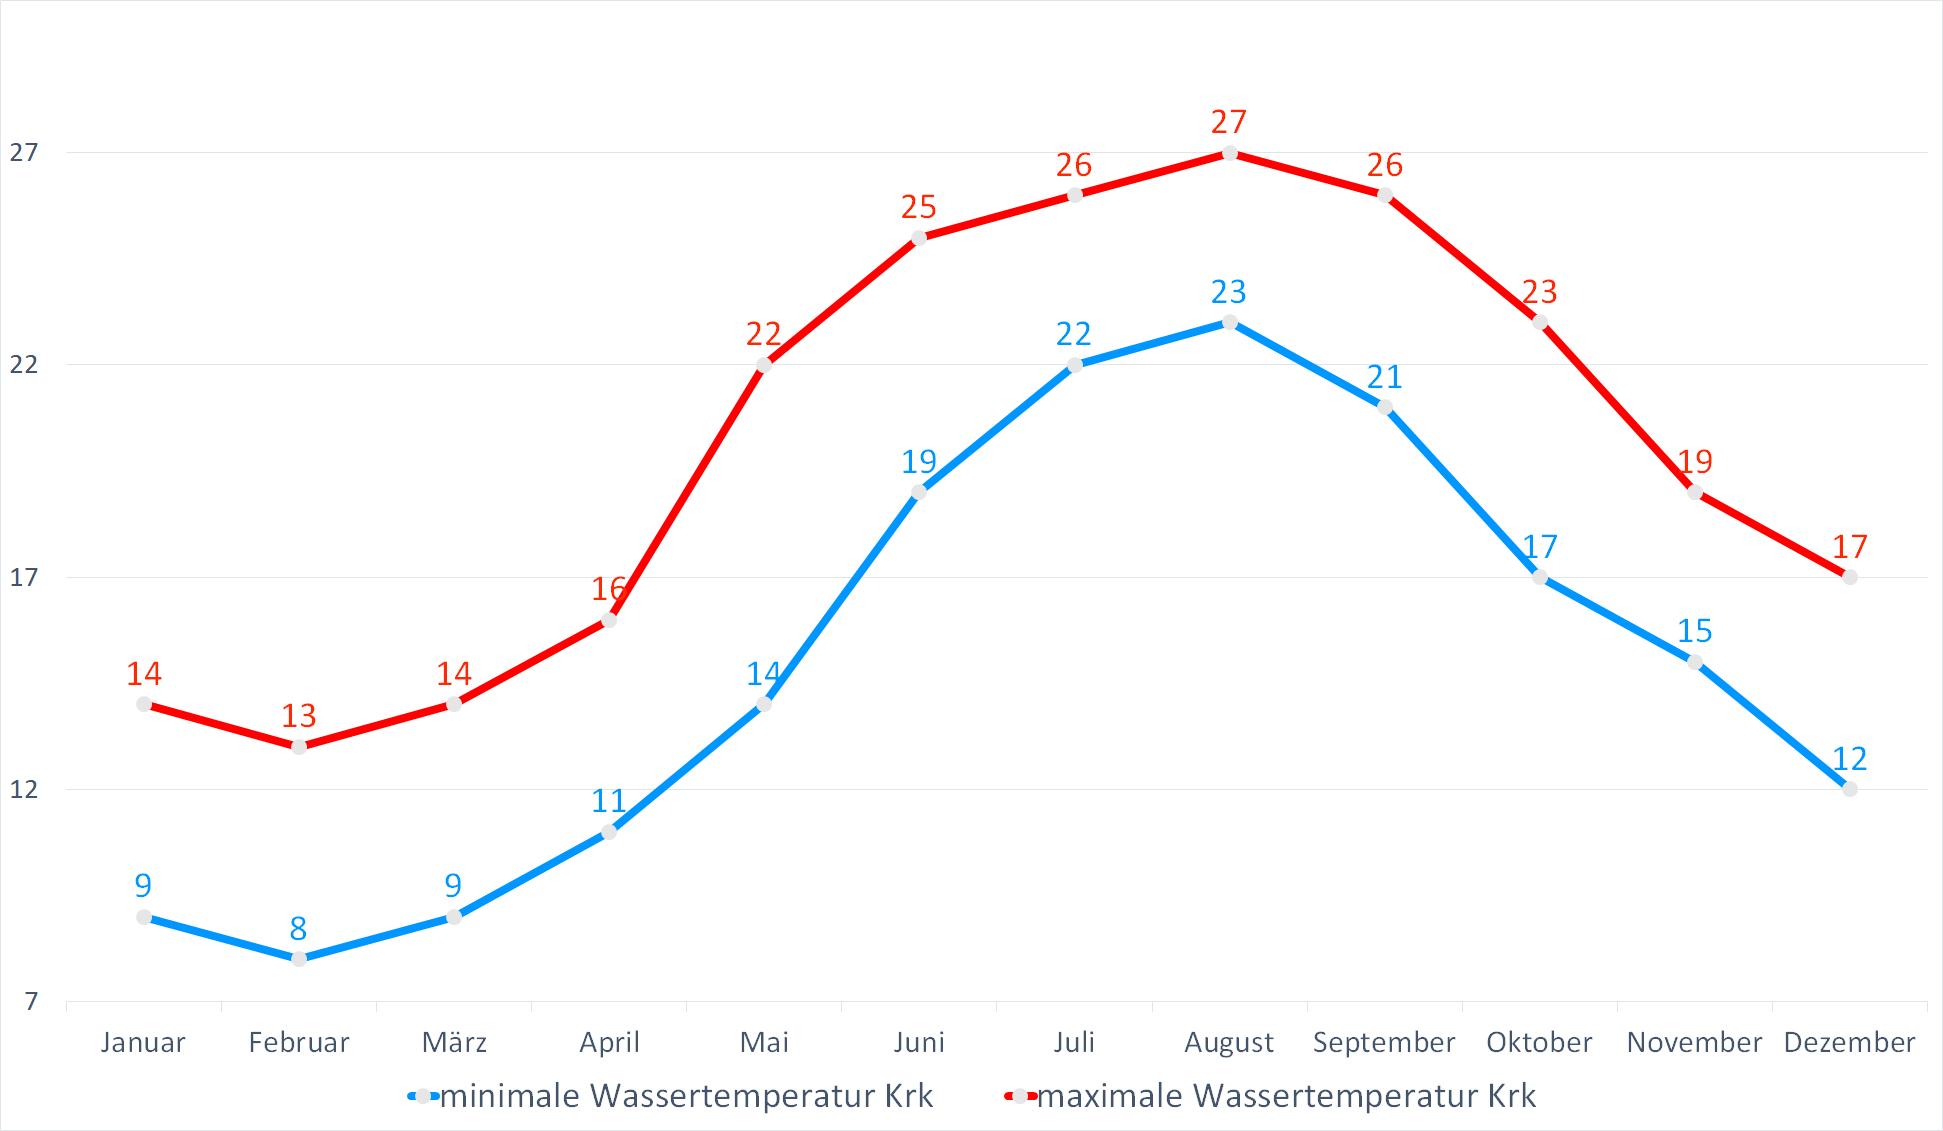 Minimale & Maximale Wassertemperaturen für Krk im Jahresverlauf